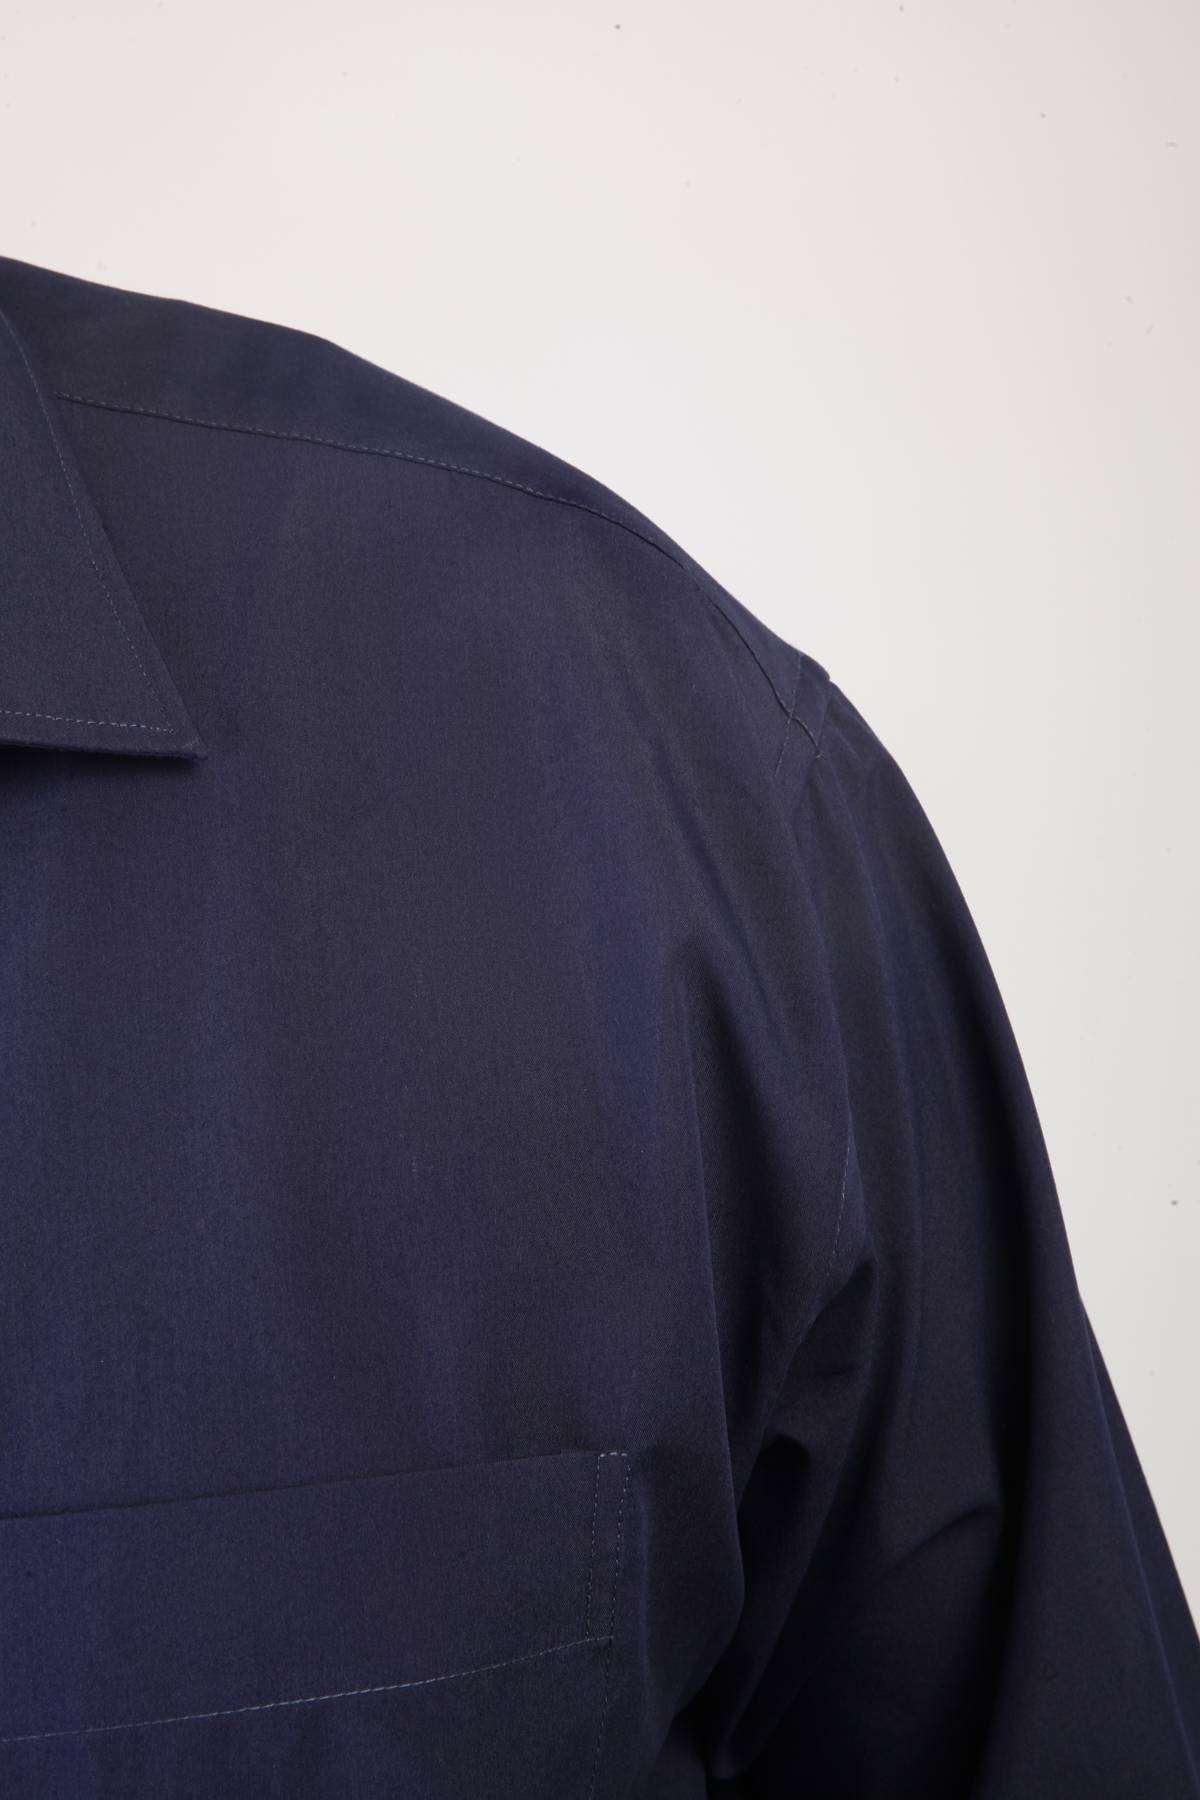 Dakron Düz Süper Battal Gömlek Lacivert